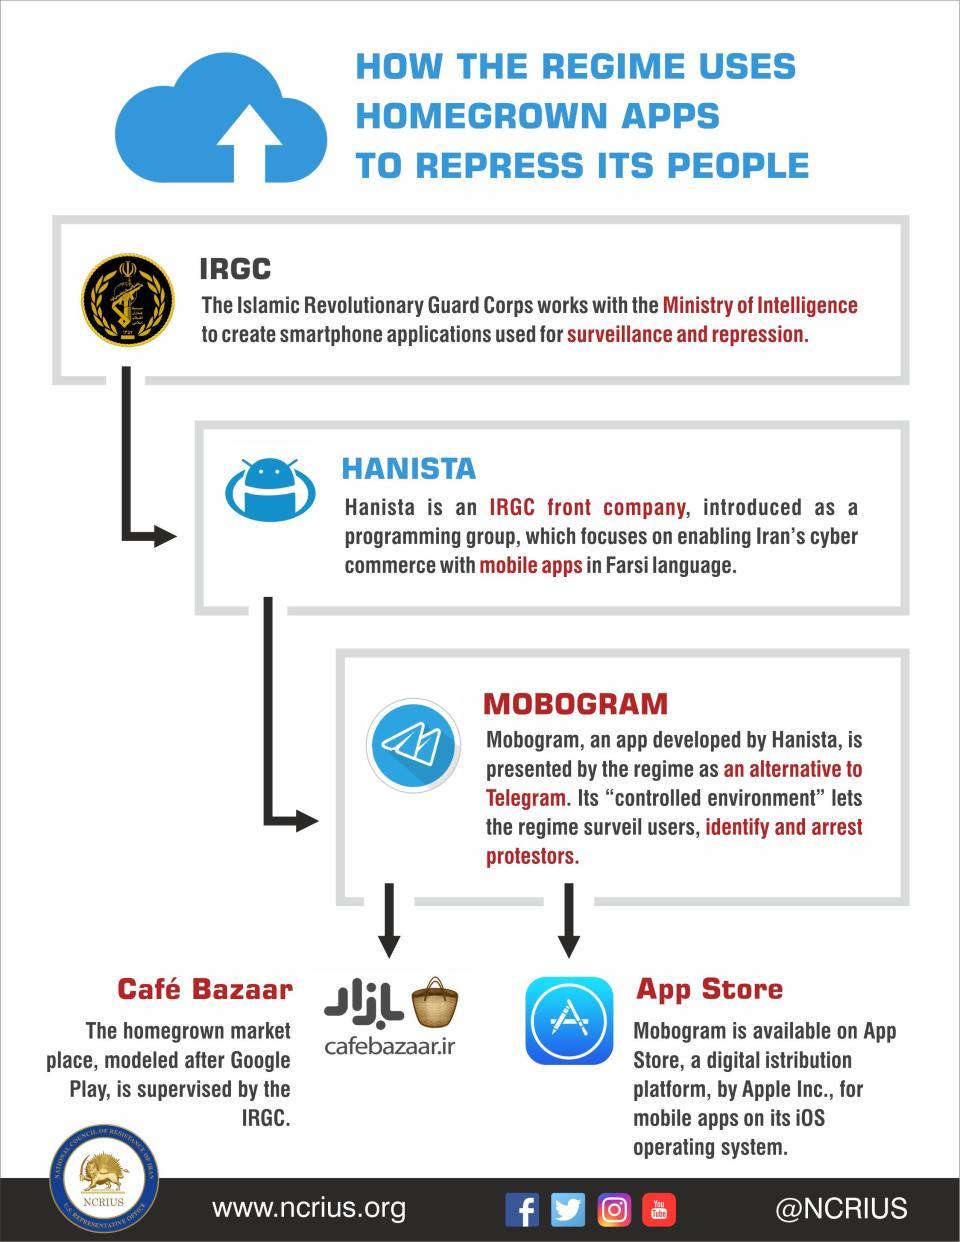 Il meccanismo usato dal regime iraniano per controllare gli utenti